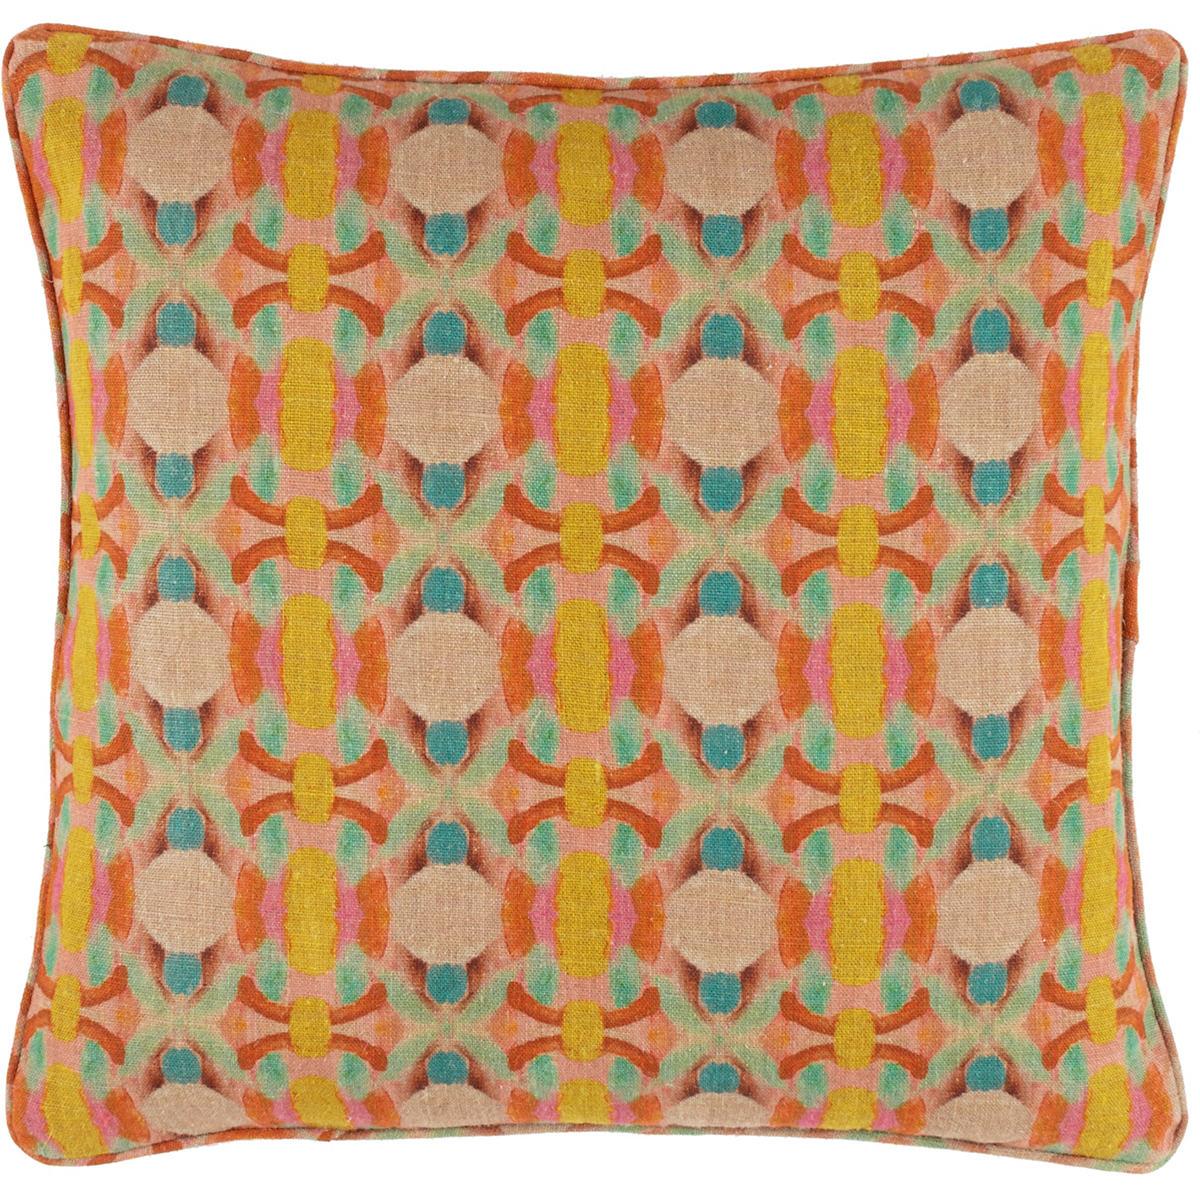 Apex Linen Decorative Pillow